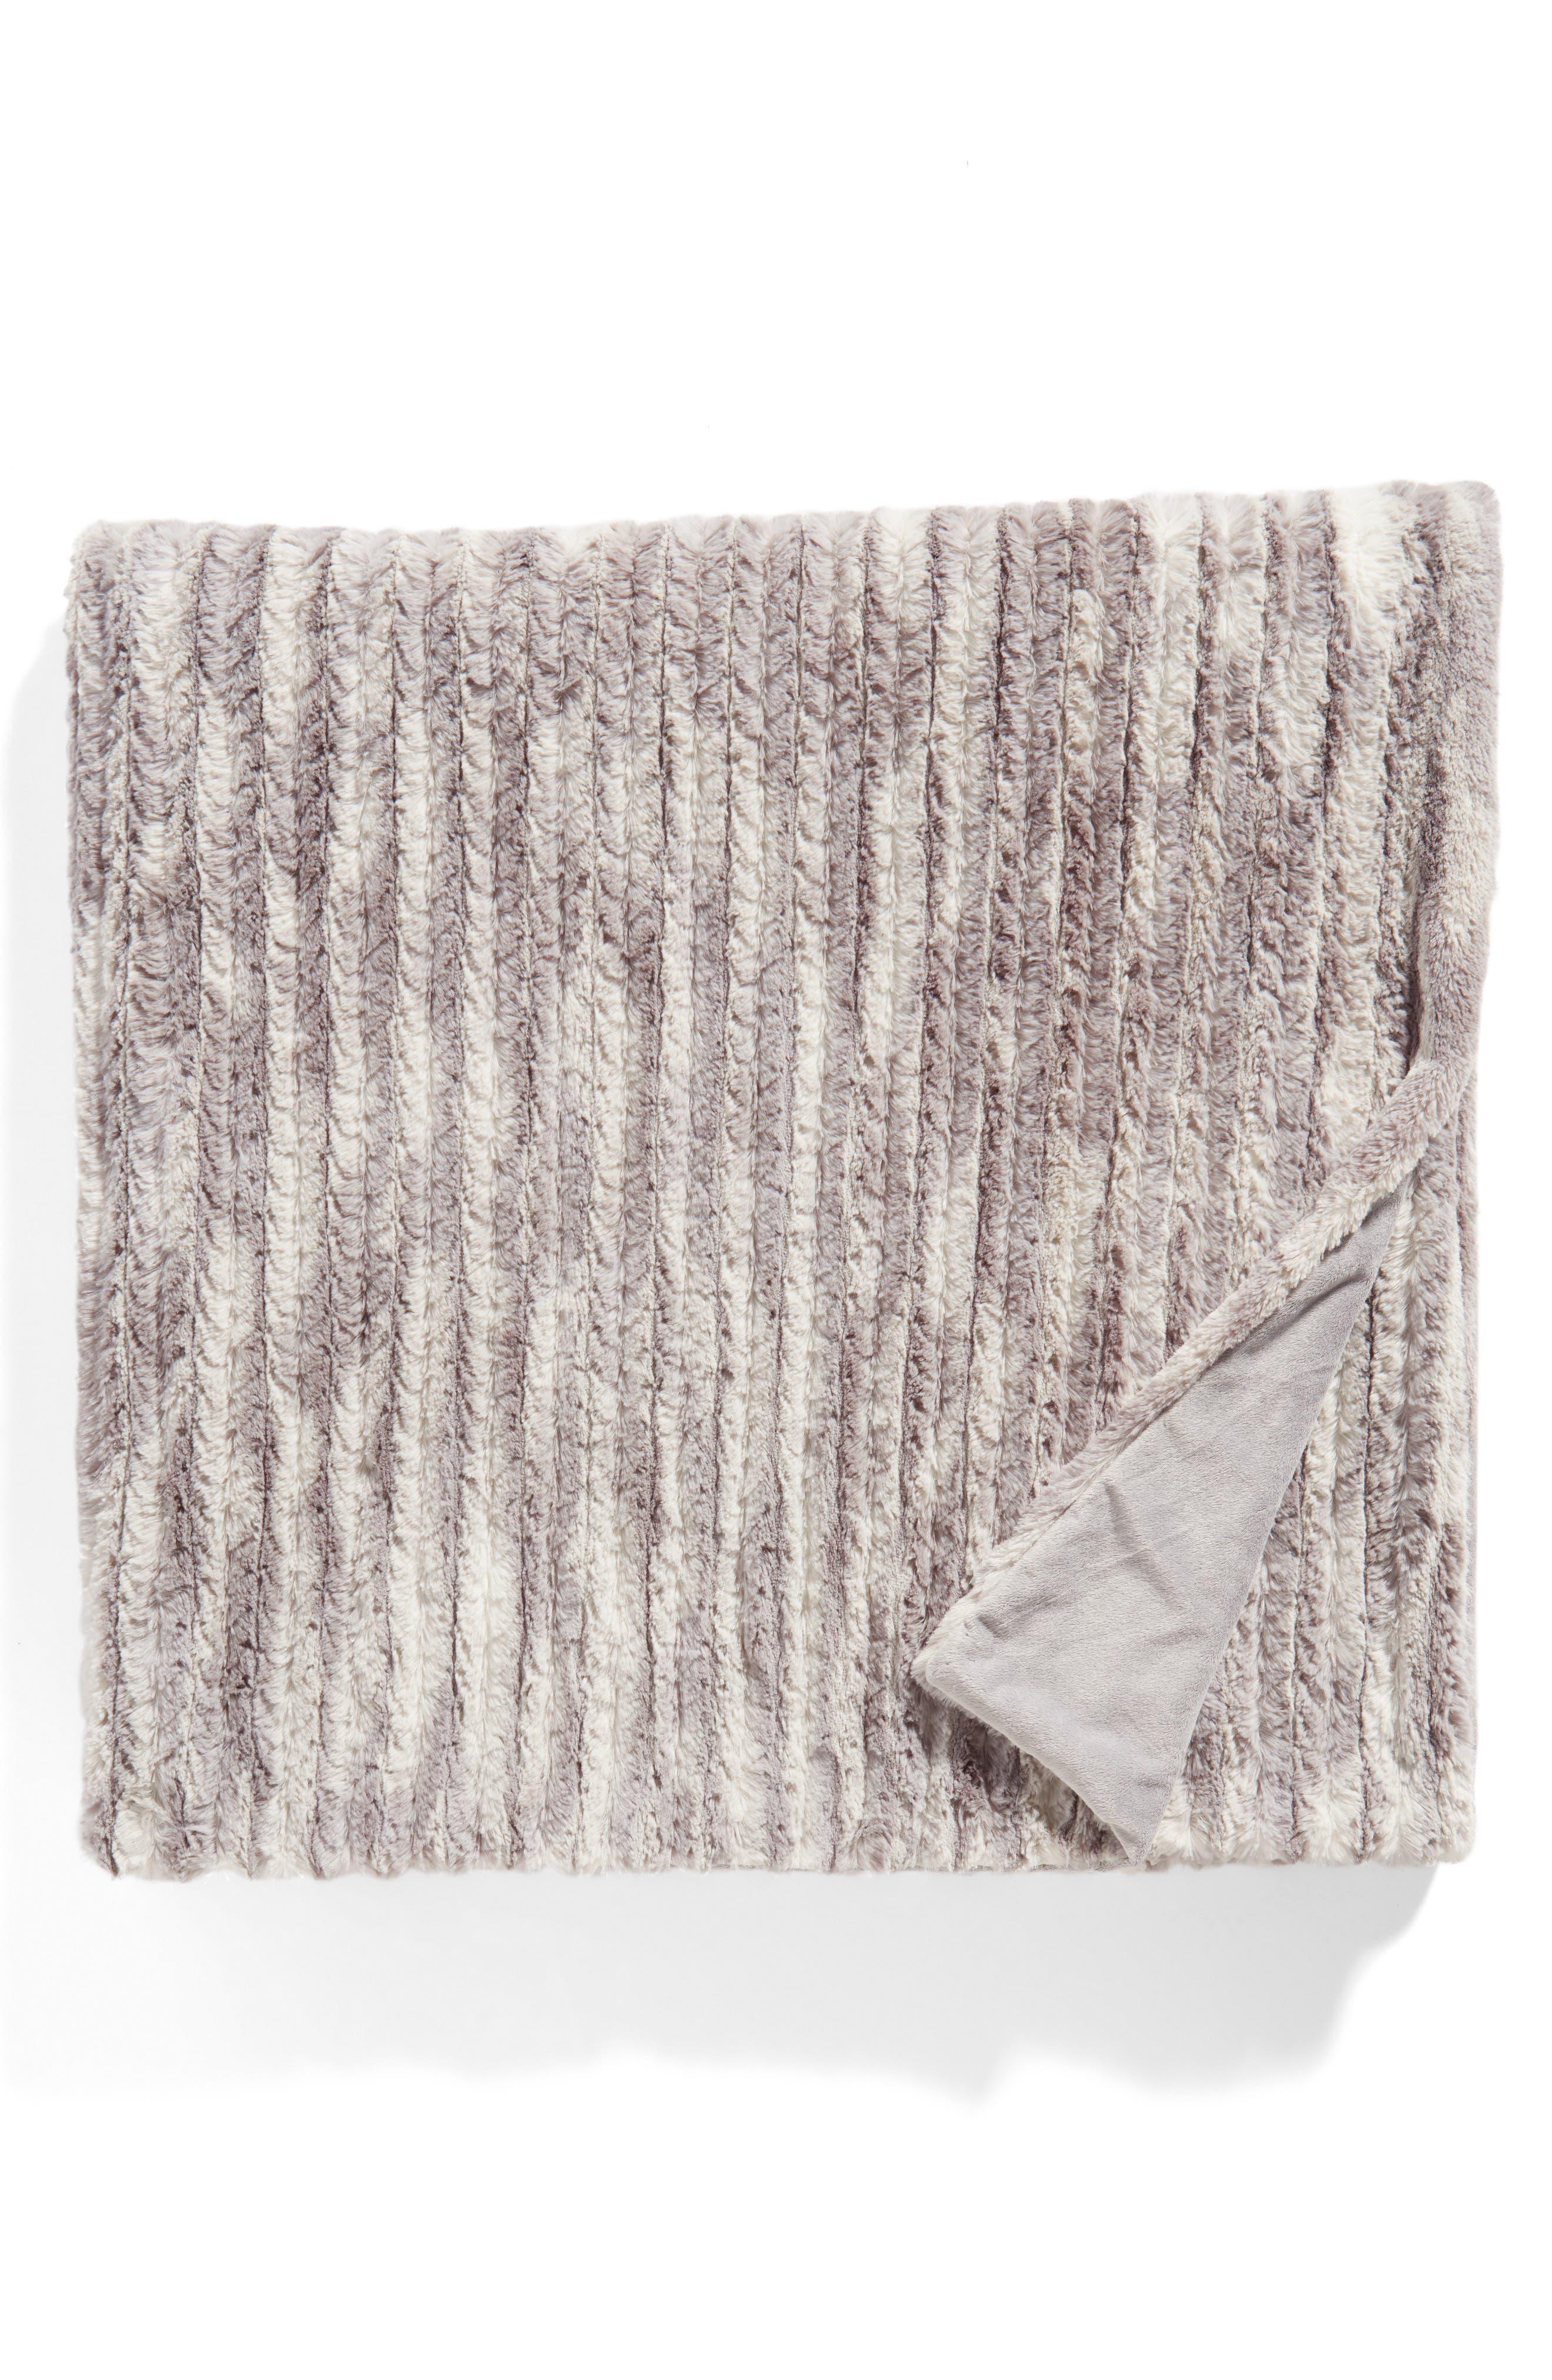 Nordstrom Cozy Plush Faux Fur Blanket,                             Main thumbnail 1, color,                             021